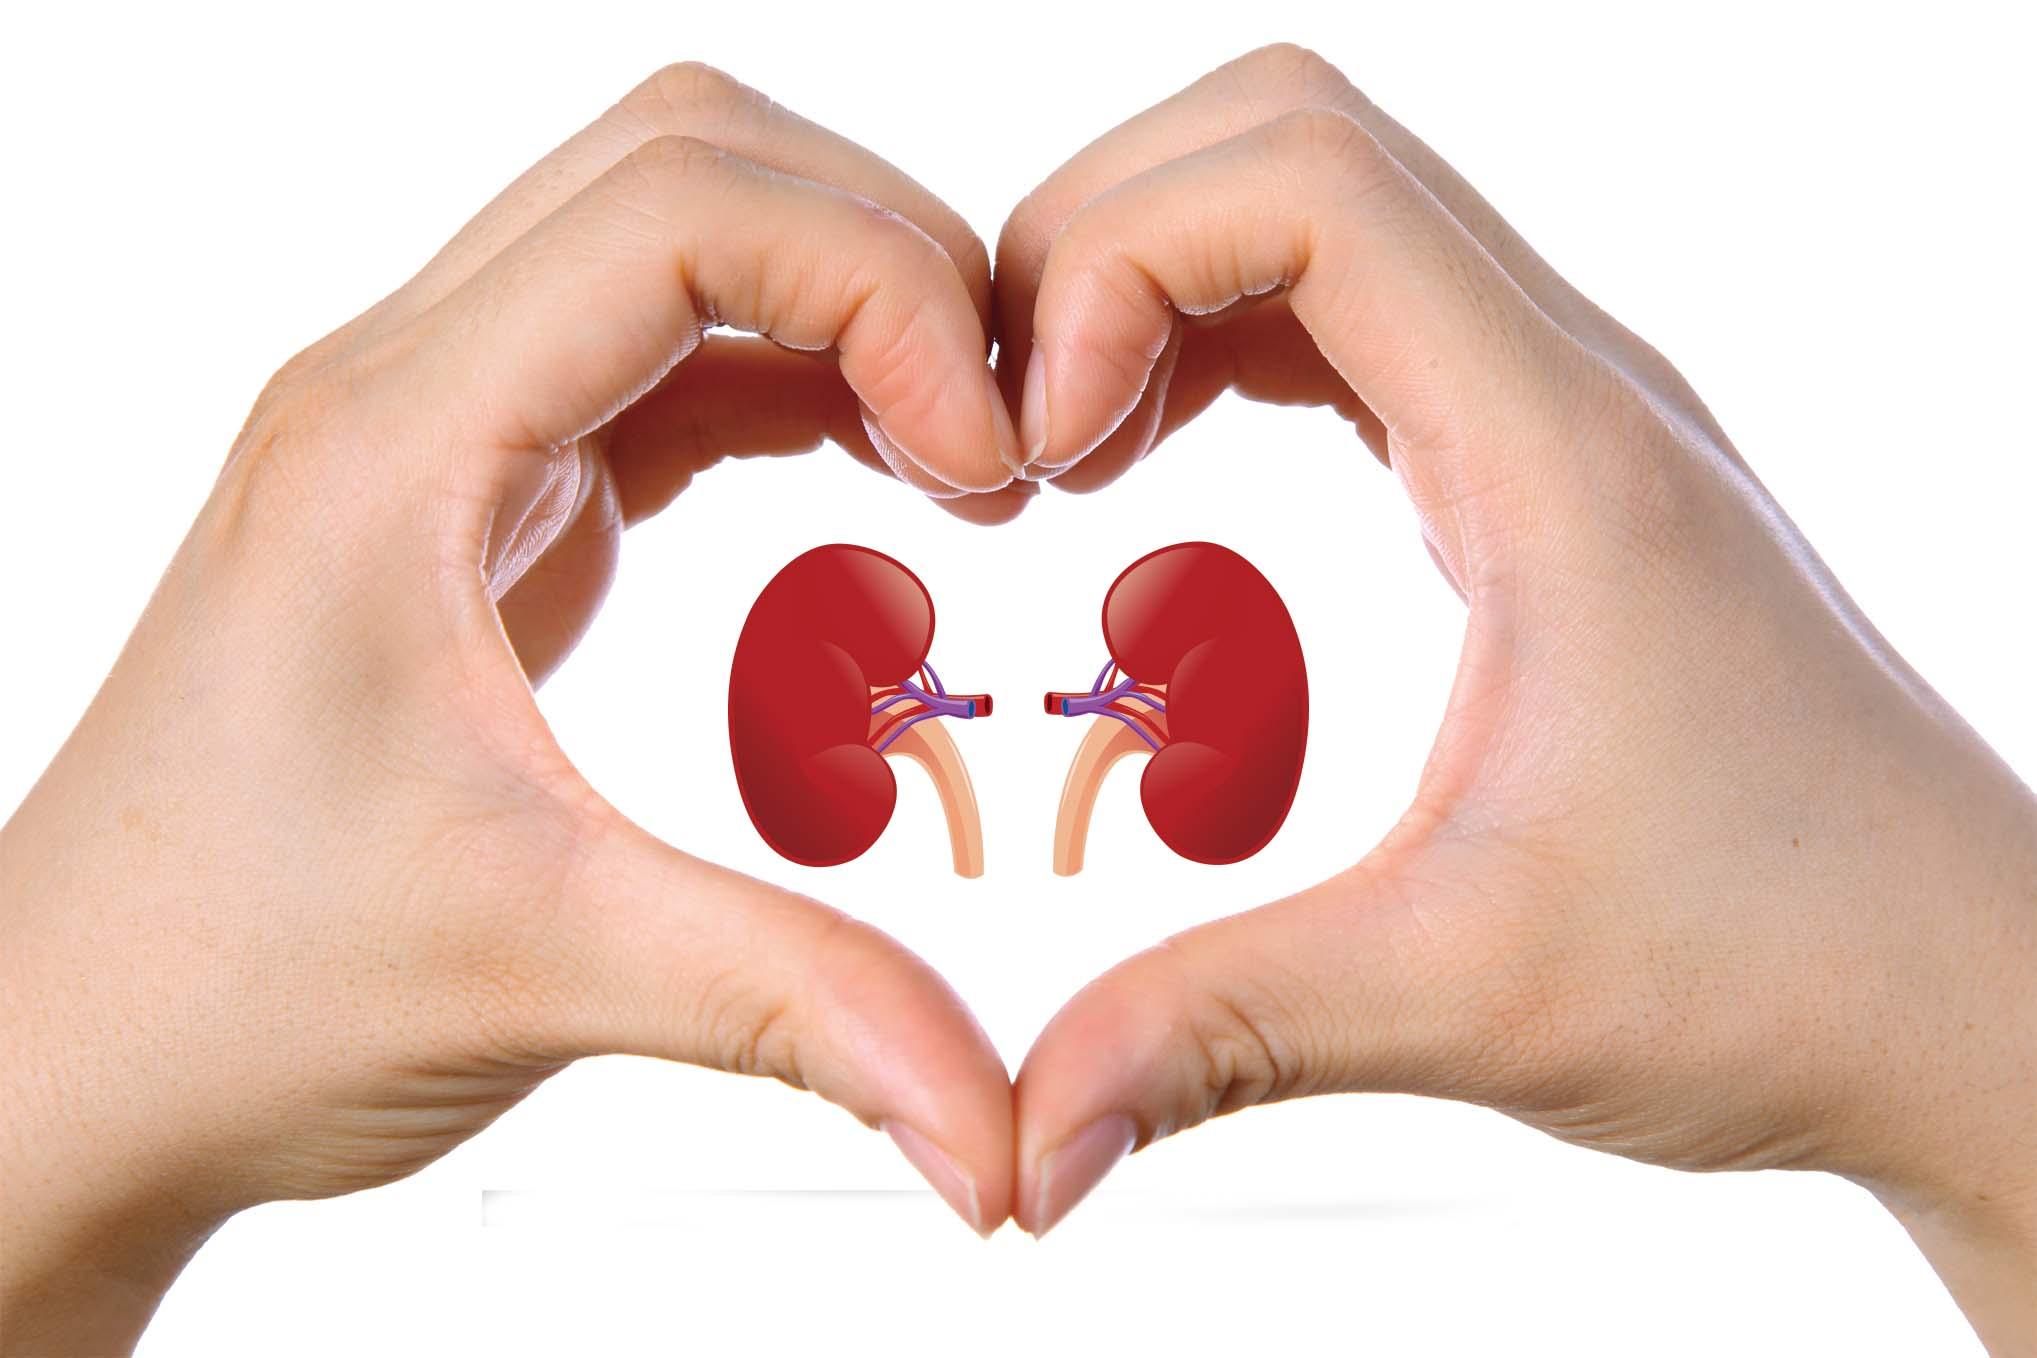 почки в символе сердца